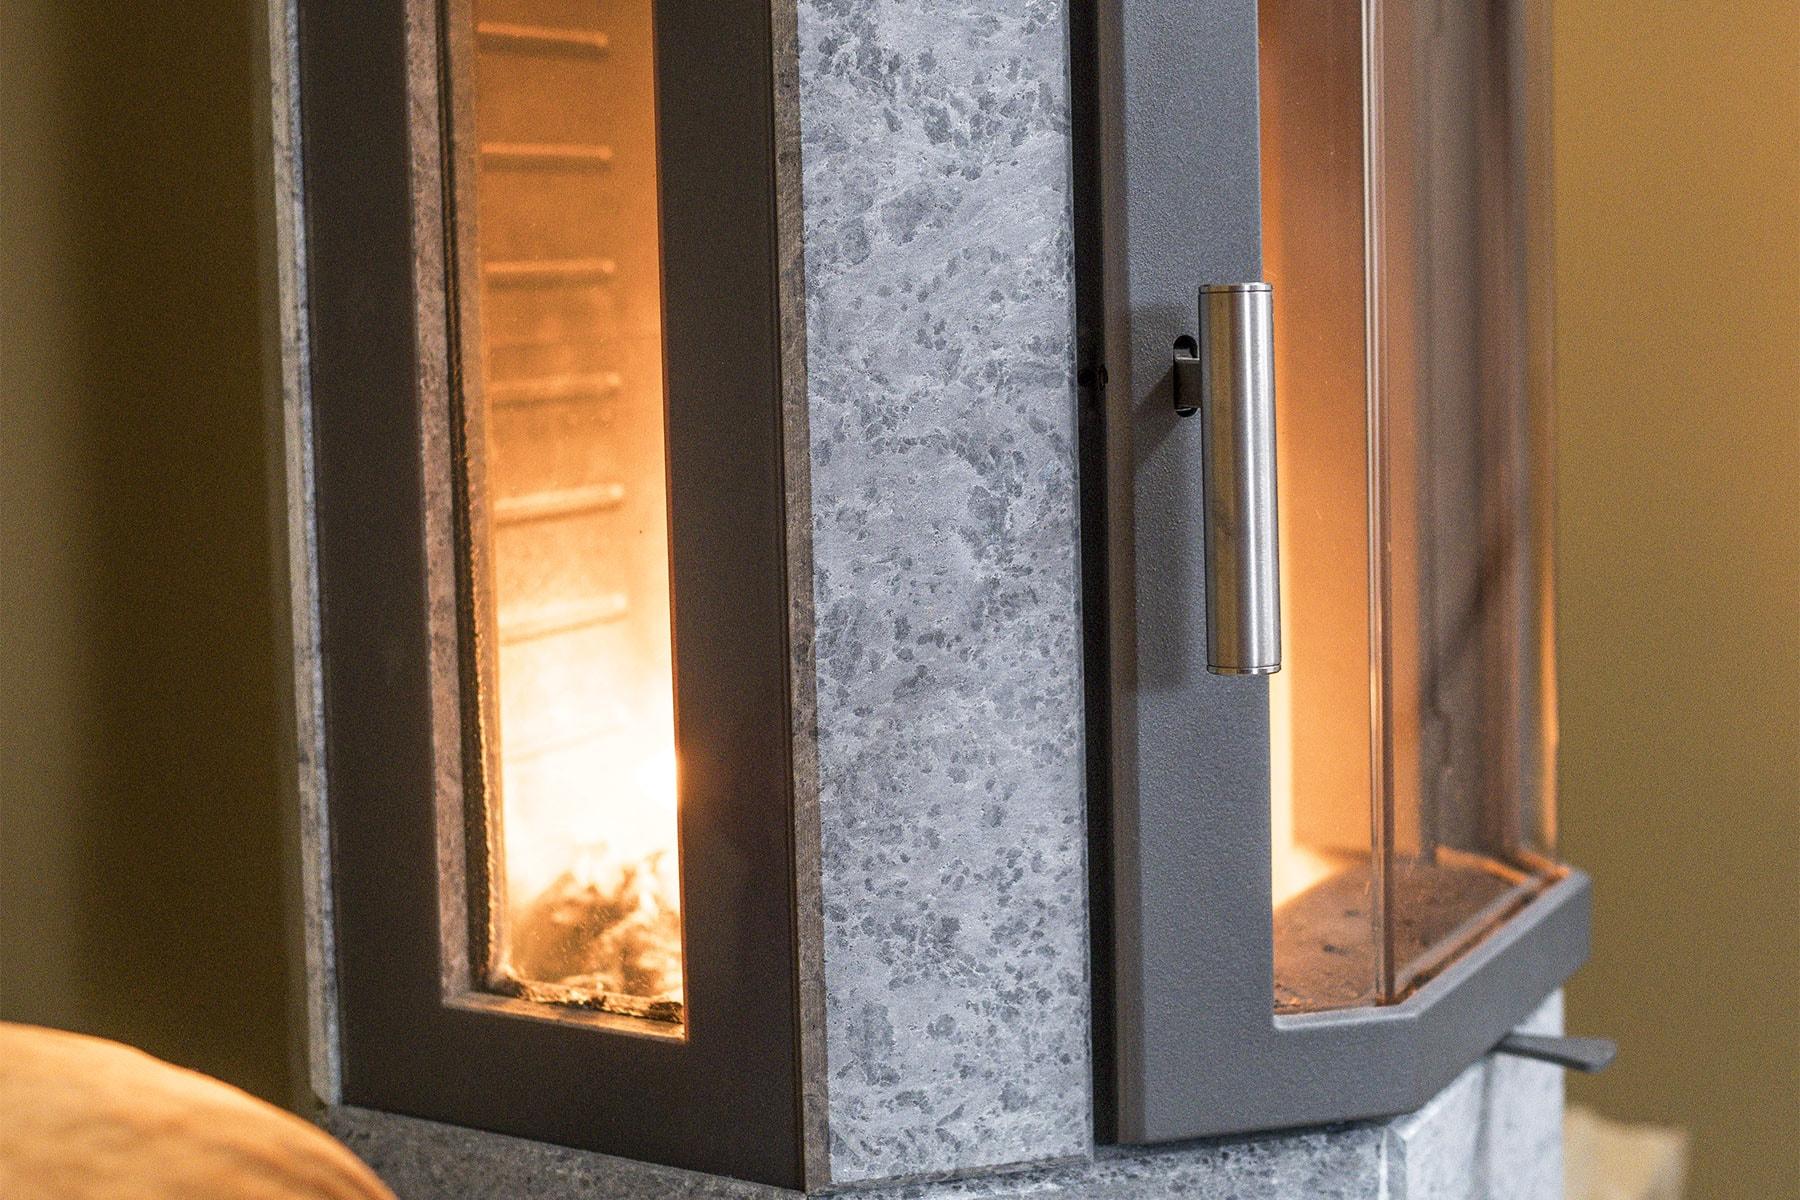 Die Seitenfenster sind ein attraktives Designmerkmal. Sie sind elegant einen Zentimeter zurück versetzt und direkt in den Stein eingepasst ohne die Notwendigkeit eines Metallrahmens. Dies verleiht dem Ofen ein stilvolles und hochwertiges Aussehen.